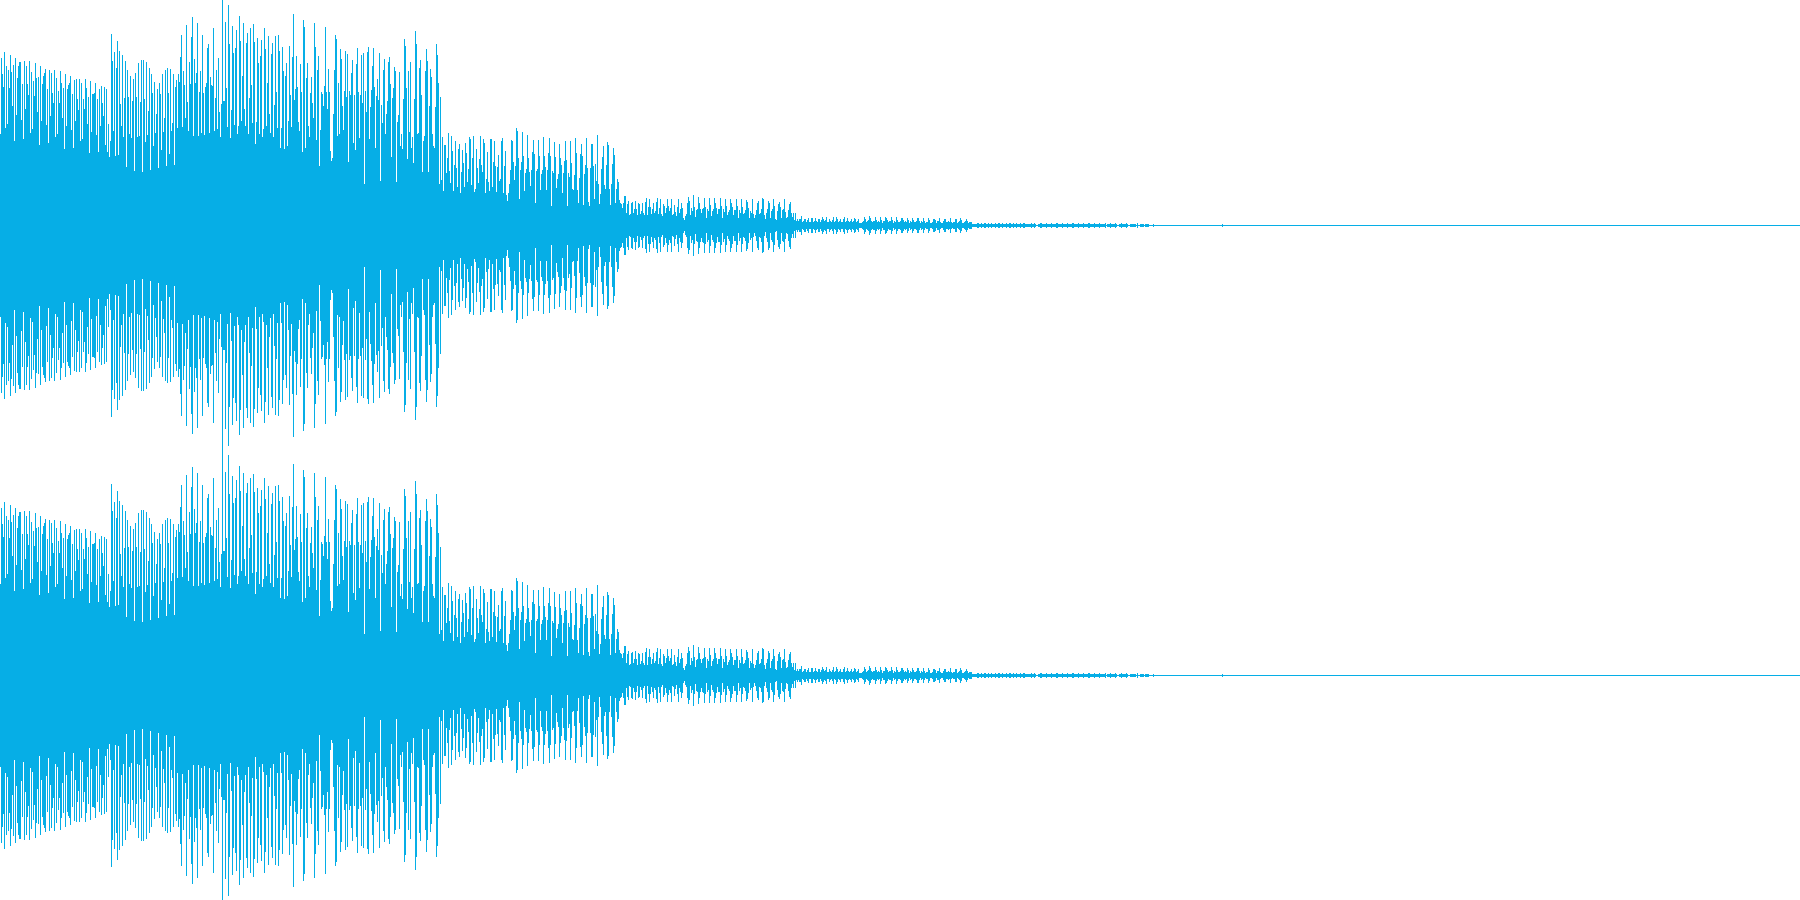 ピロロン(下がる、キャンセル、通信)の再生済みの波形